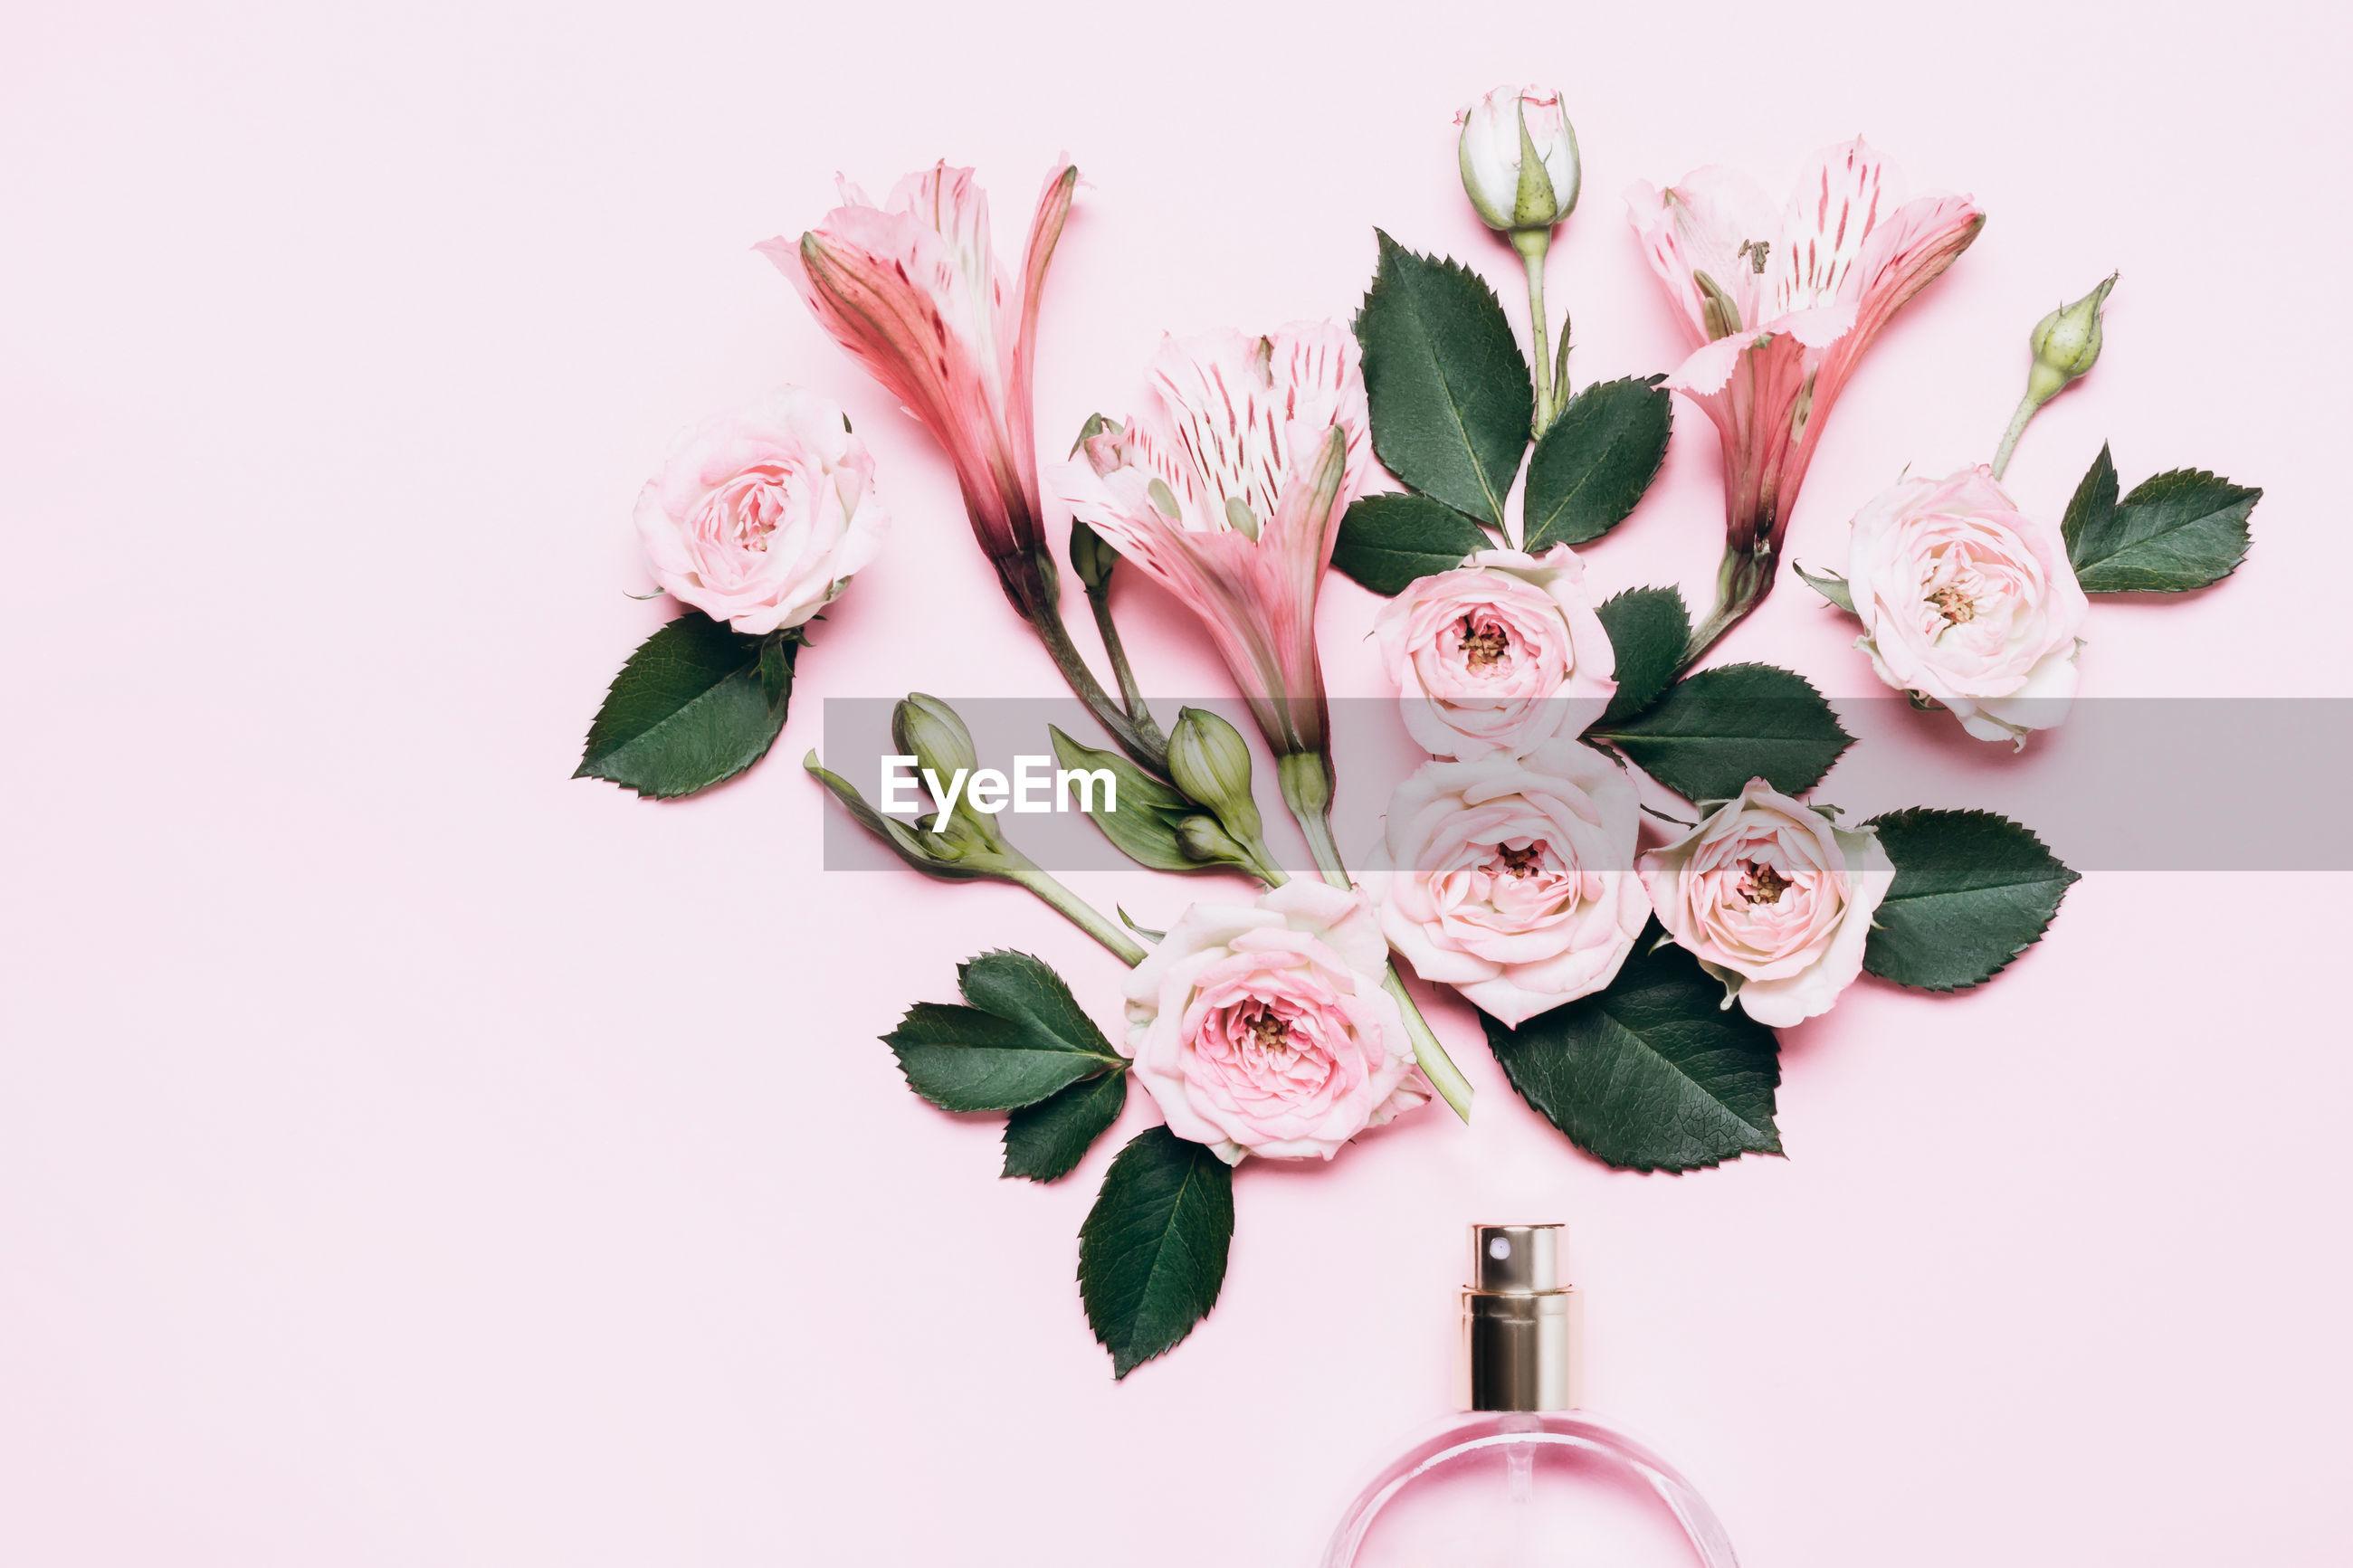 CLOSE-UP OF PINK ROSE FLOWER IN VASE